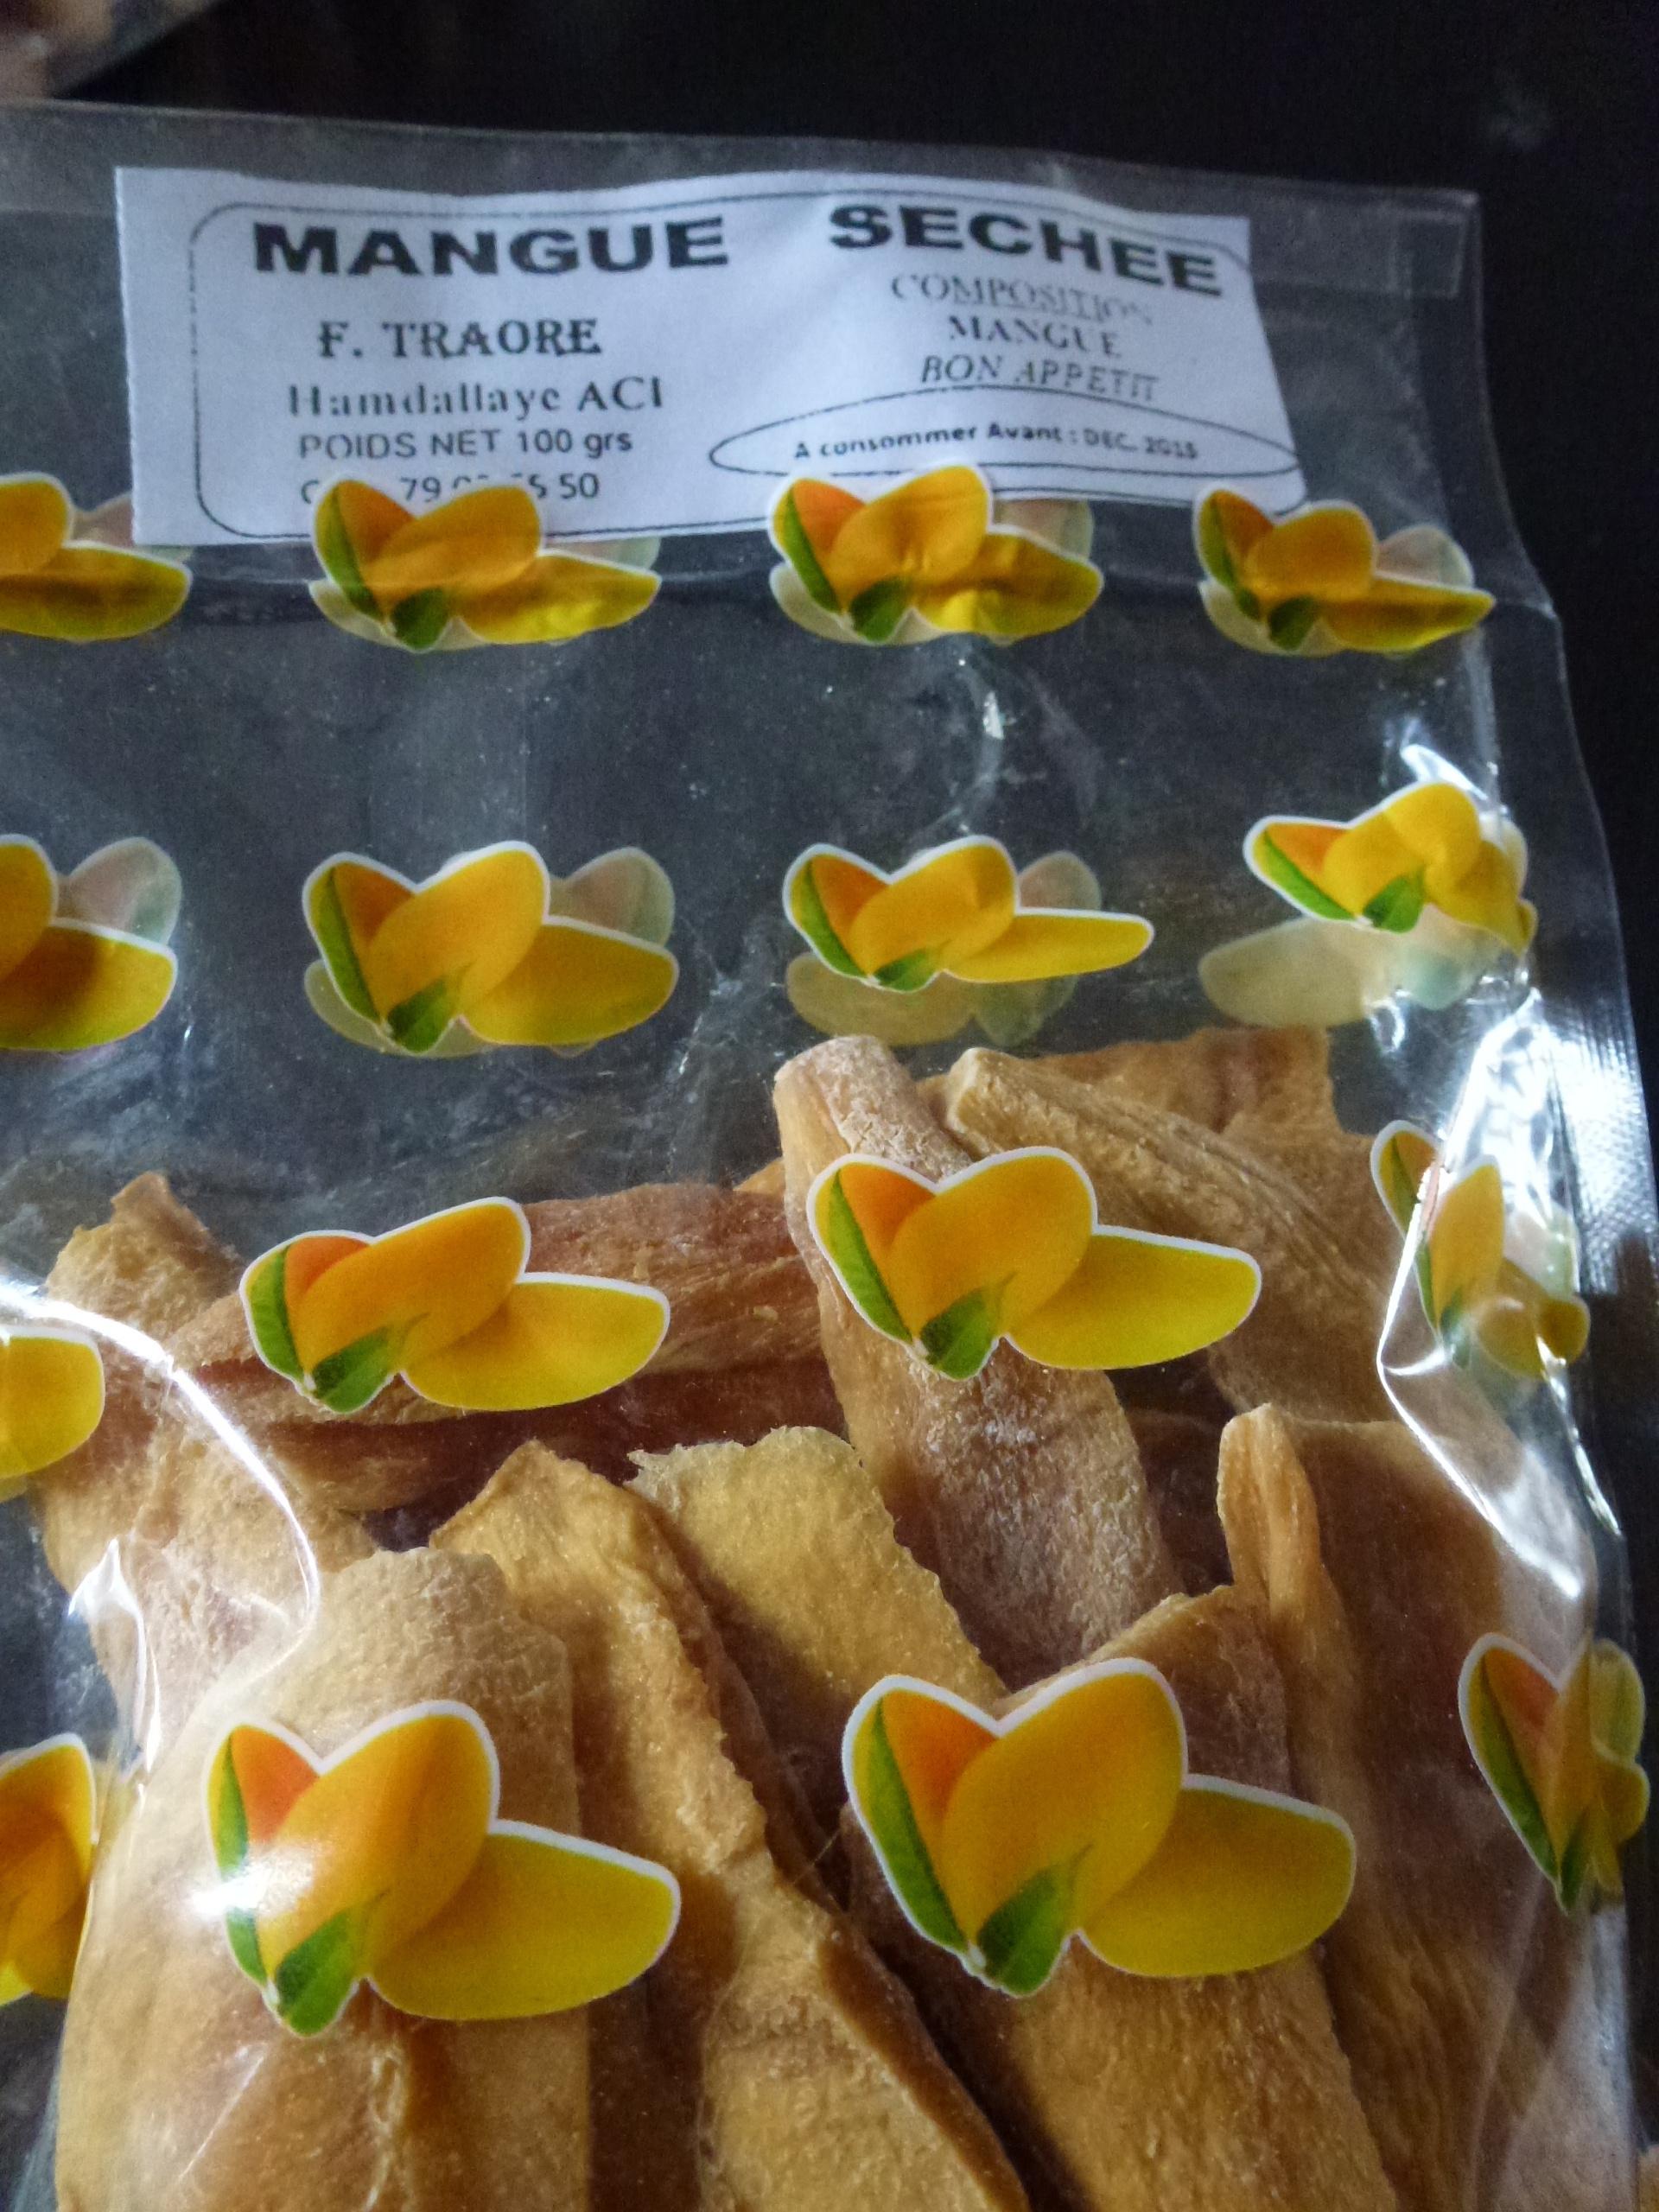 Mangue séchée - Product